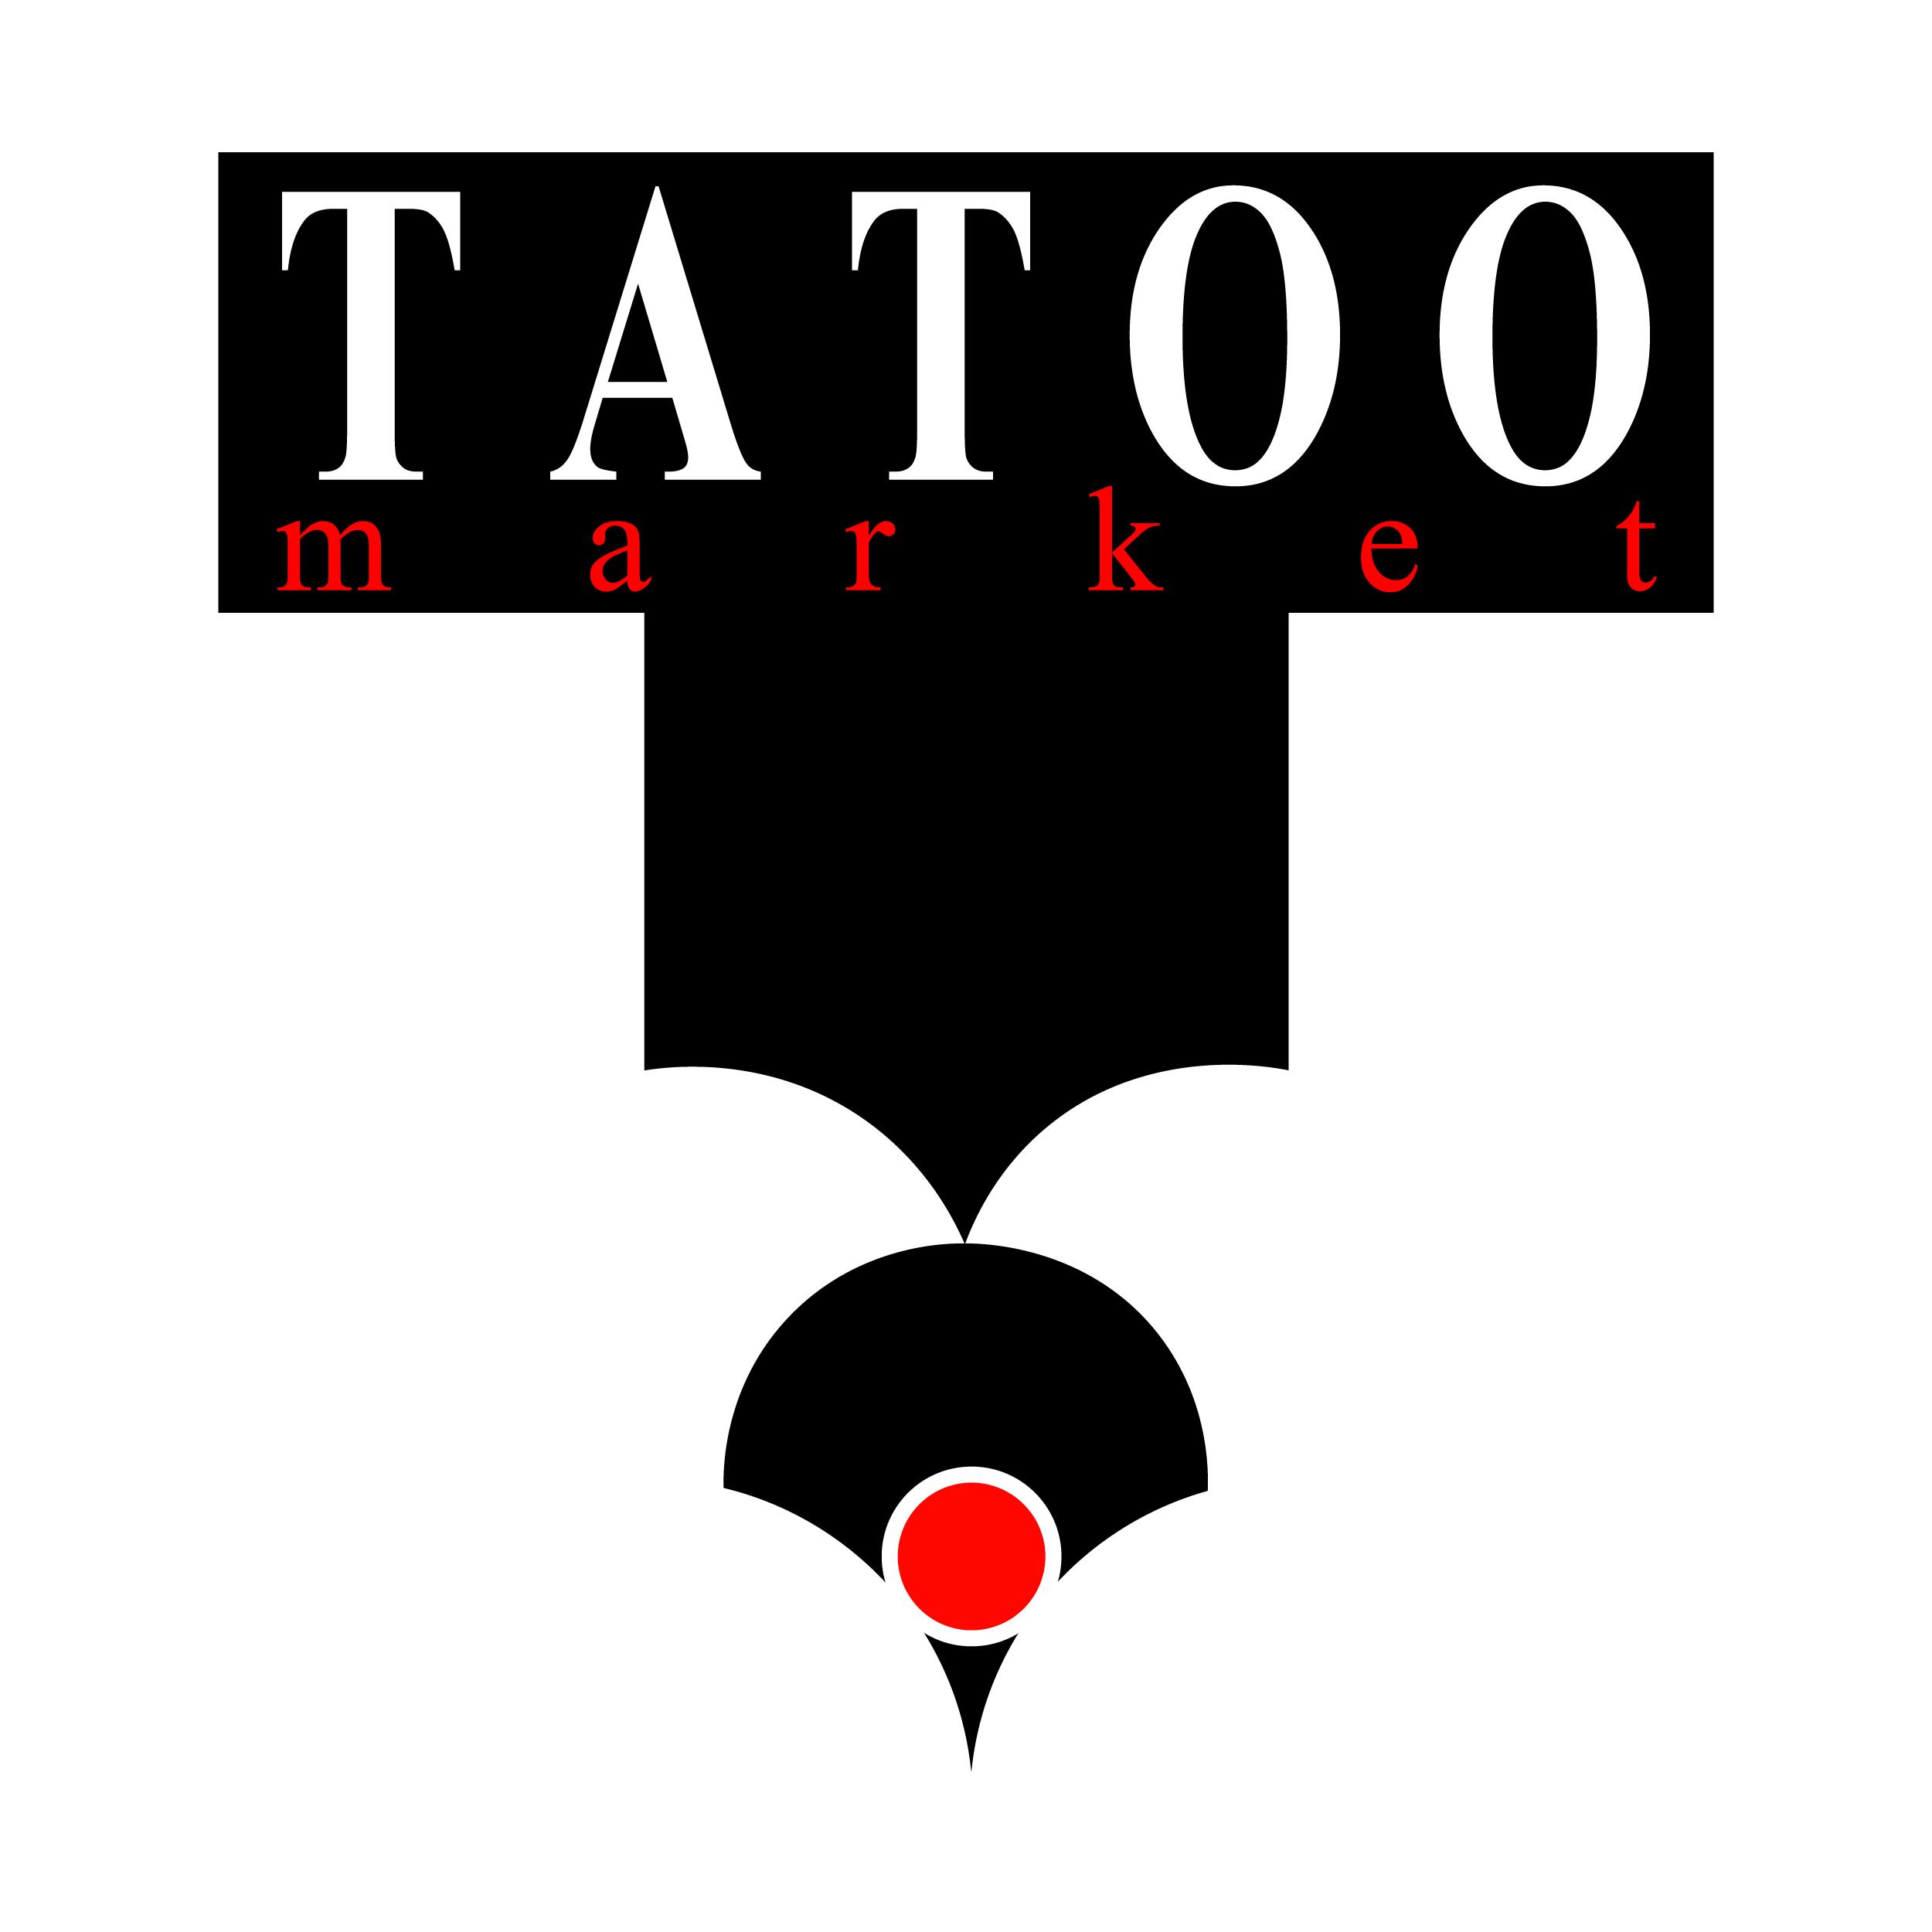 Редизайн логотипа магазина тату оборудования TattooMarket.ru фото f_8775c3a32af76a30.jpg